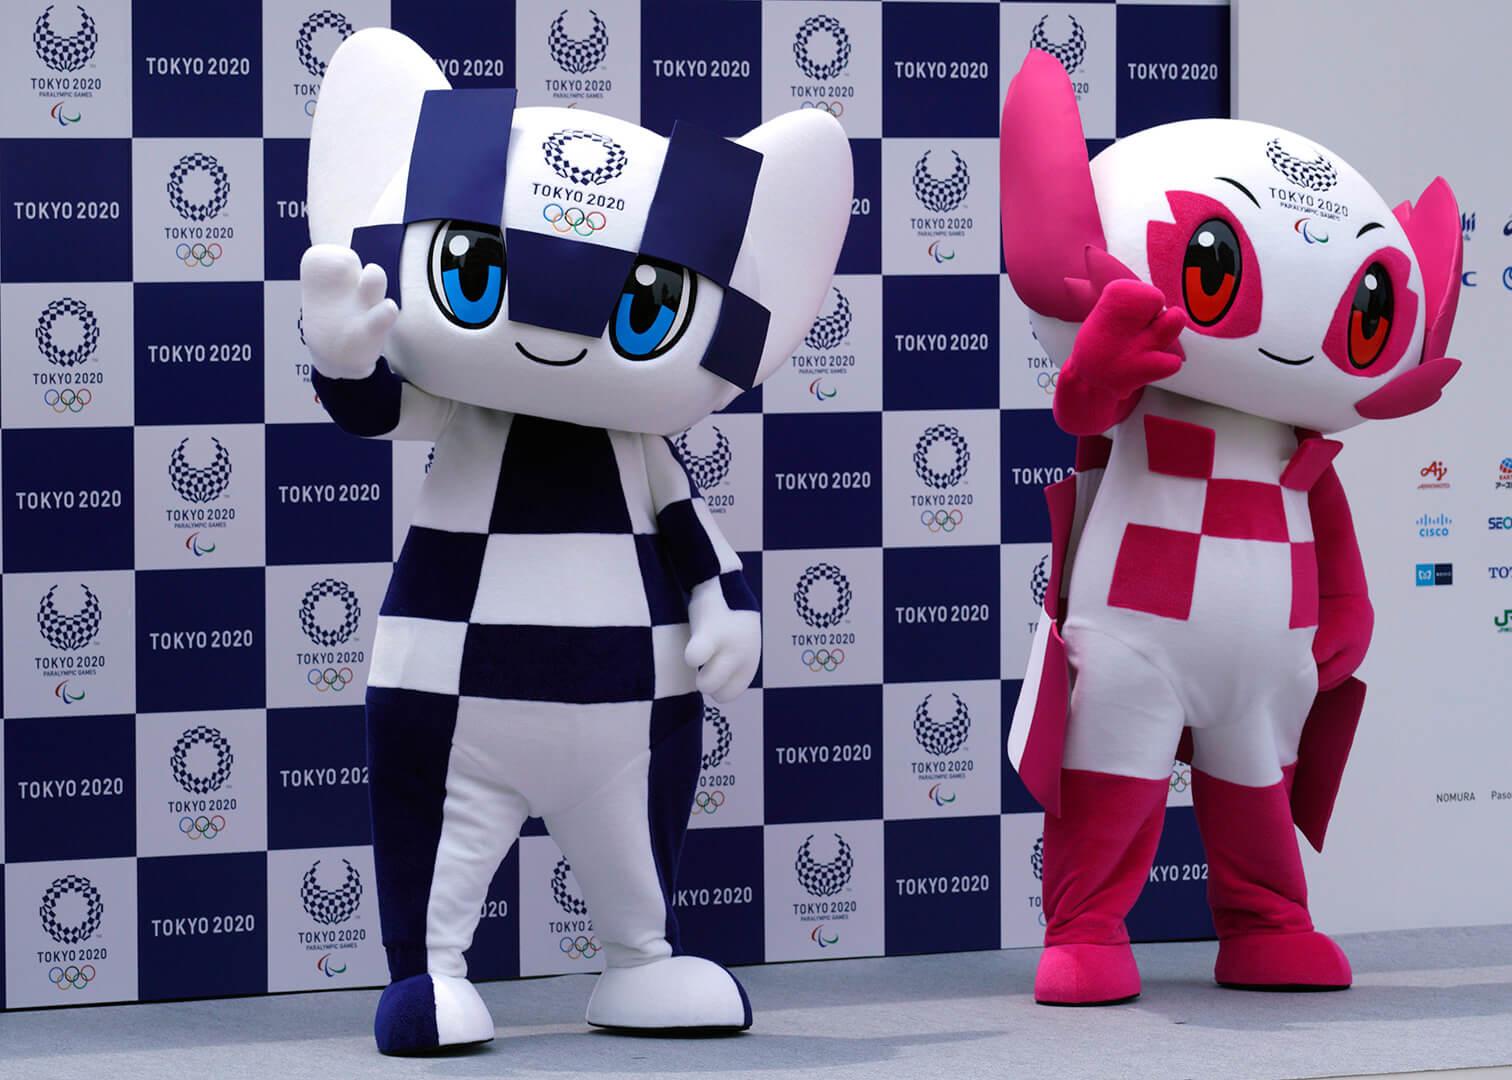 هوش مصنوعی در المپیک توکیو